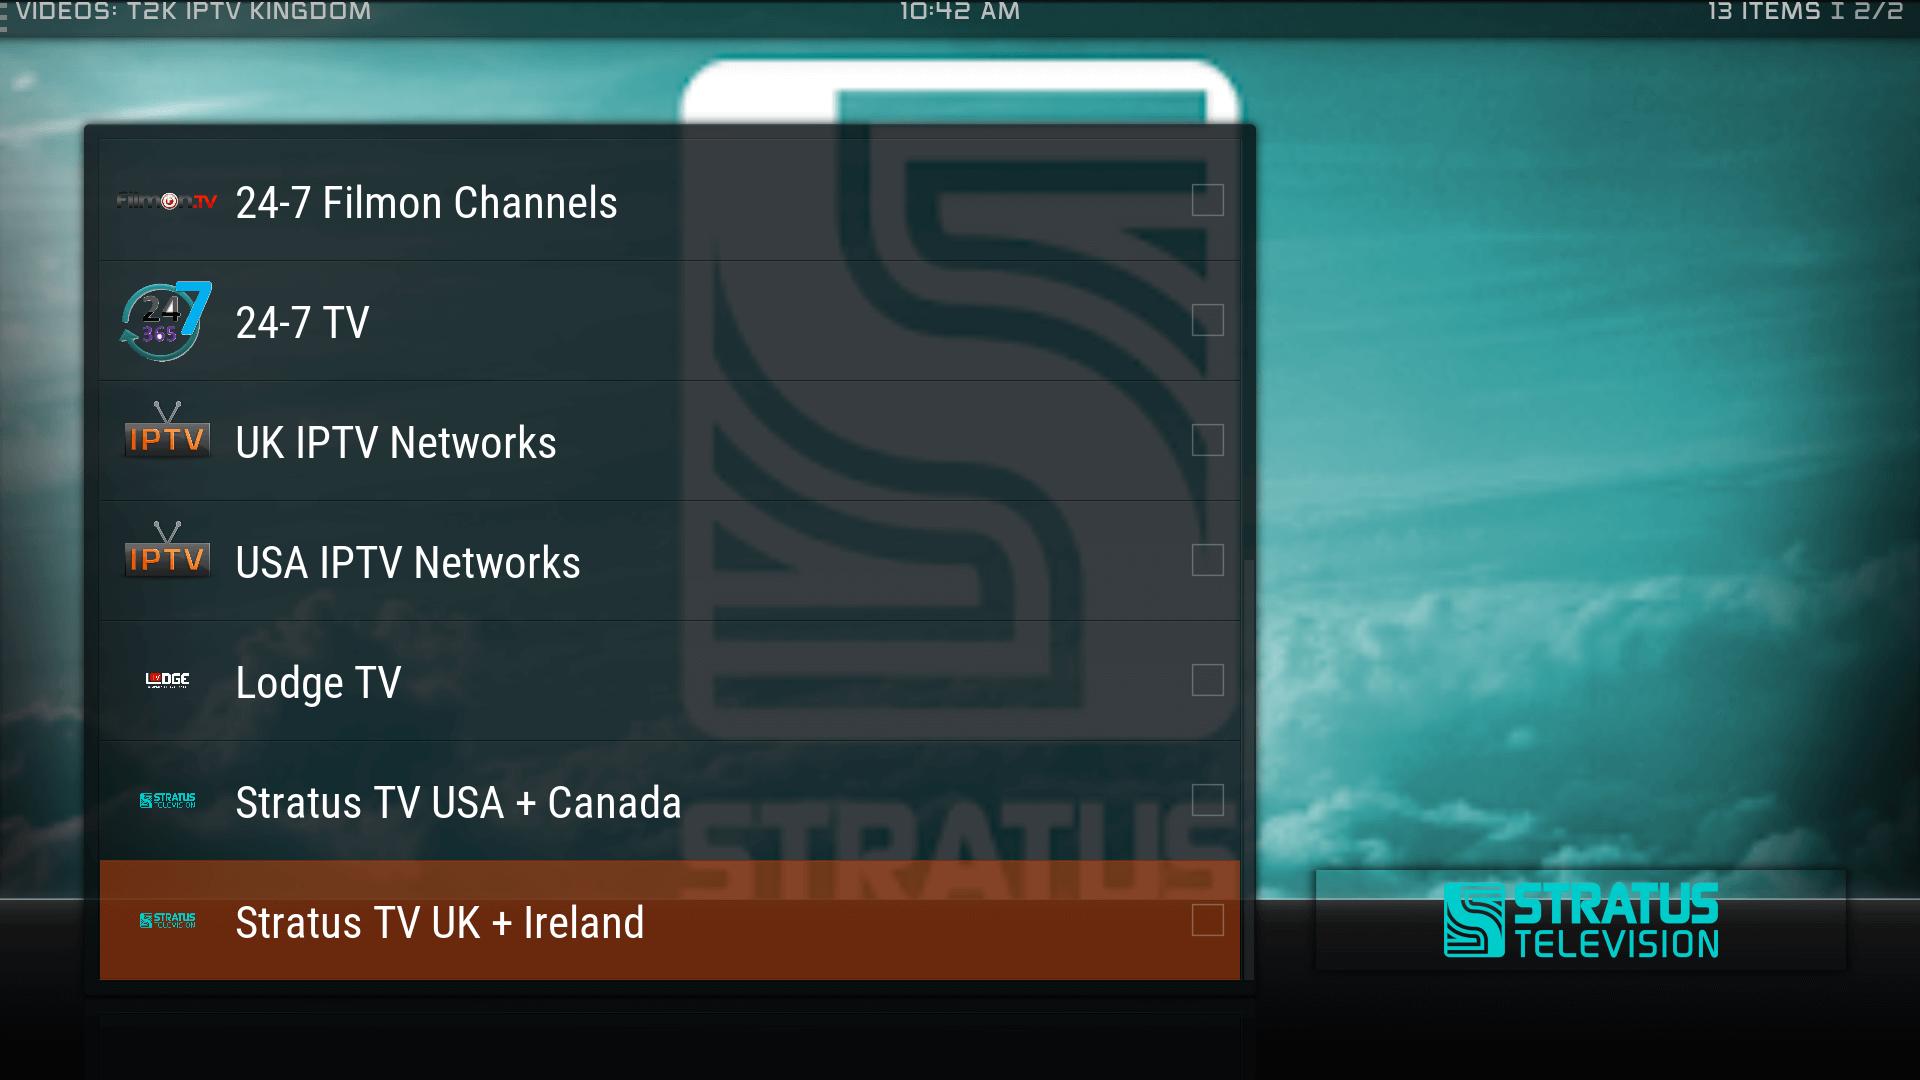 Guide Install TK2 IPTV Kingdom Kodi Addon Repo - Best for Kodi